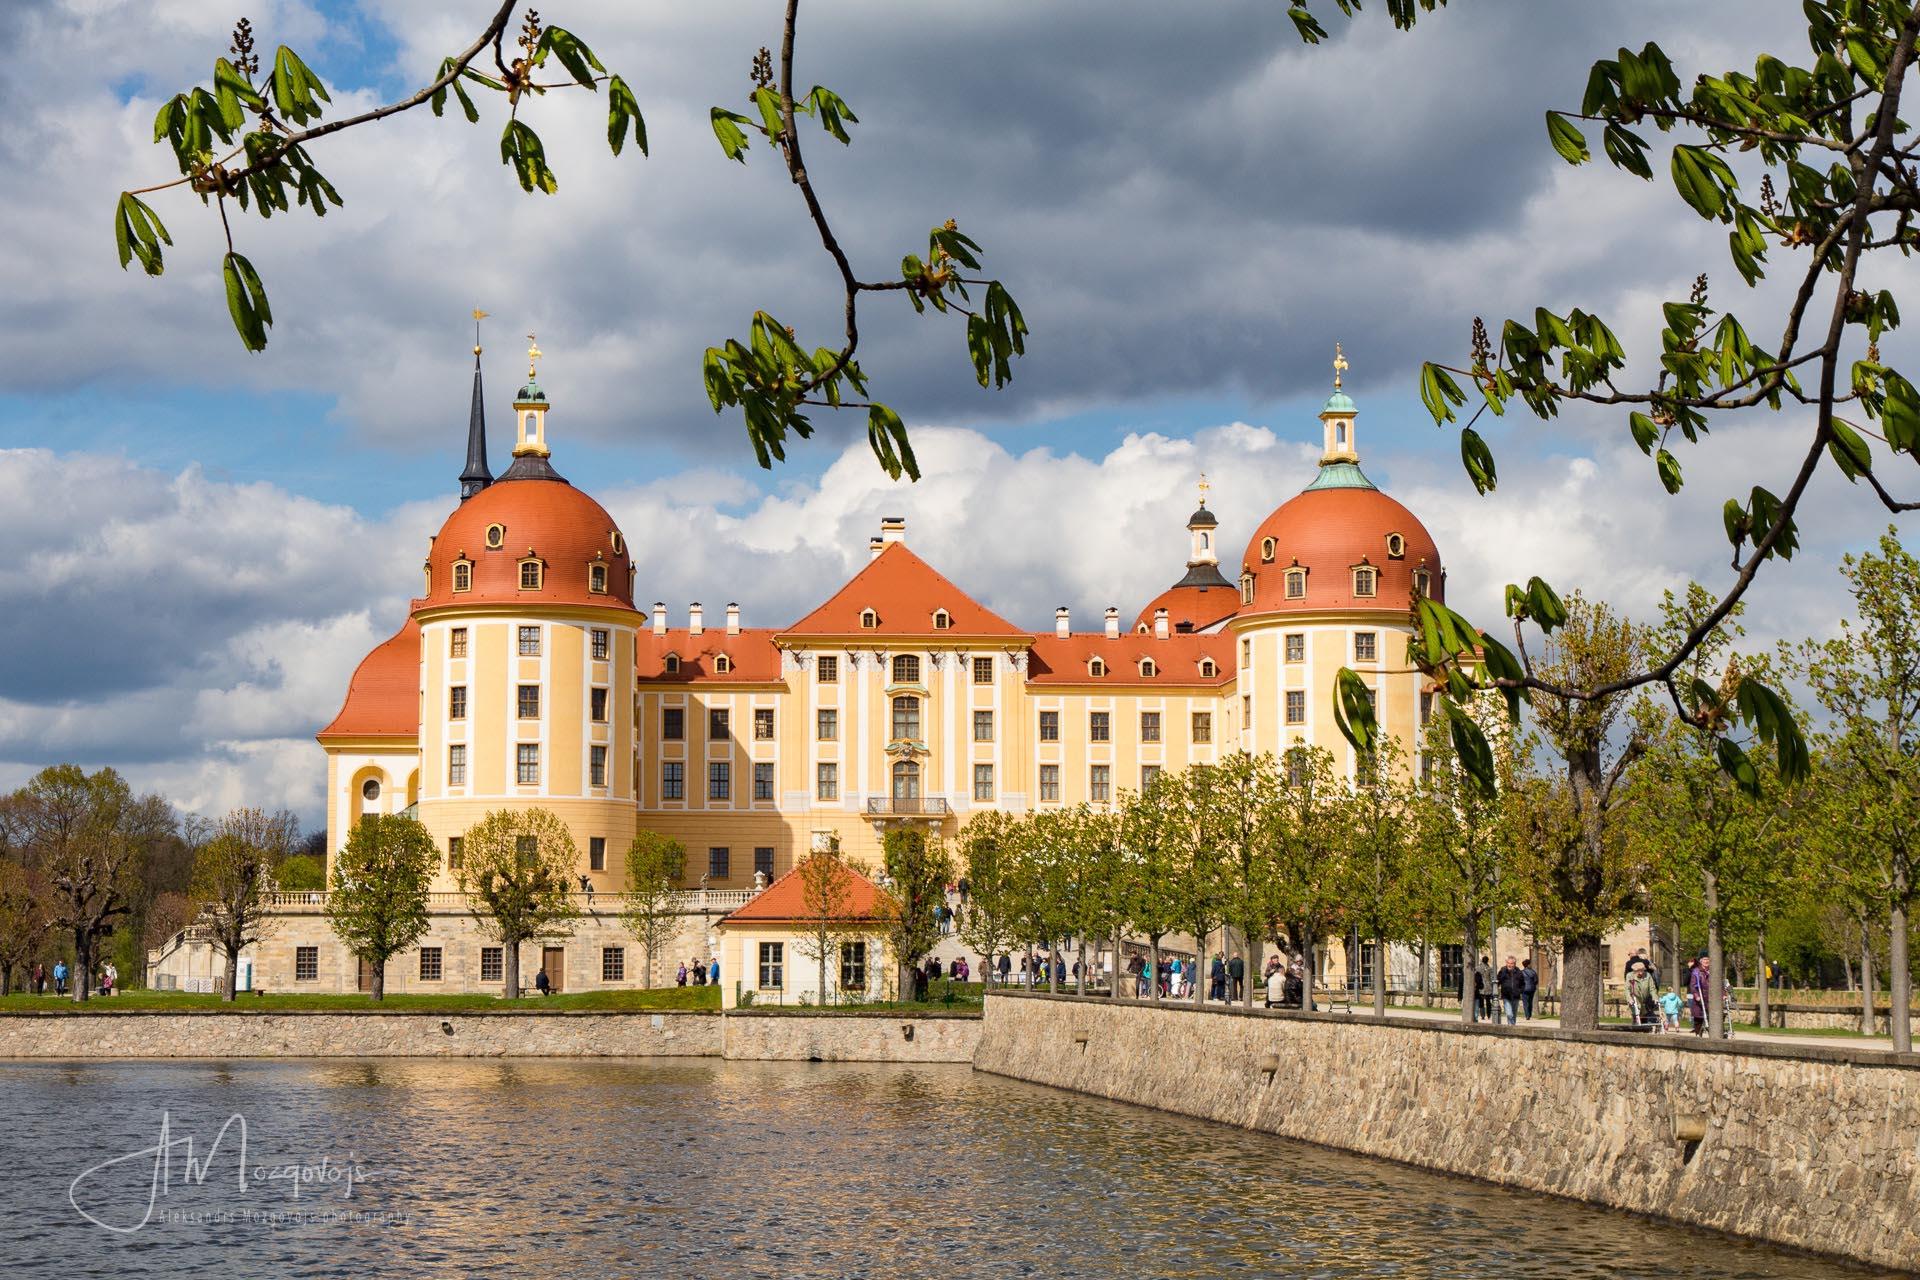 Schloss Moritzburg near Dresden